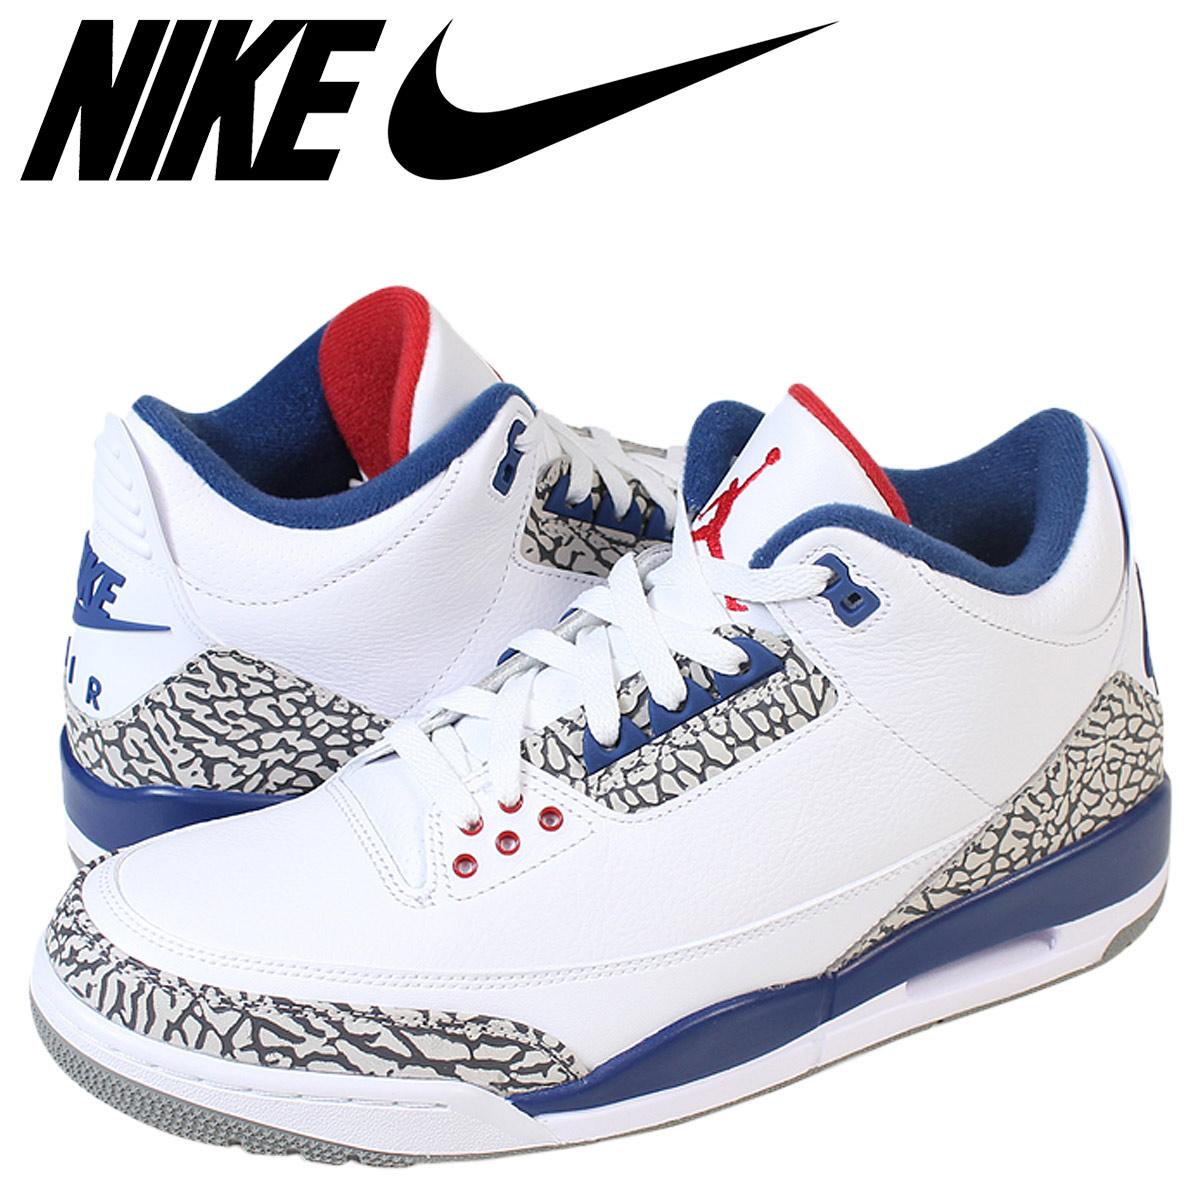 sale retailer a2acb 453cd Nike NIKE Air Jordan sneakers men AIR JORDAN 3 OG 854,262-106 white